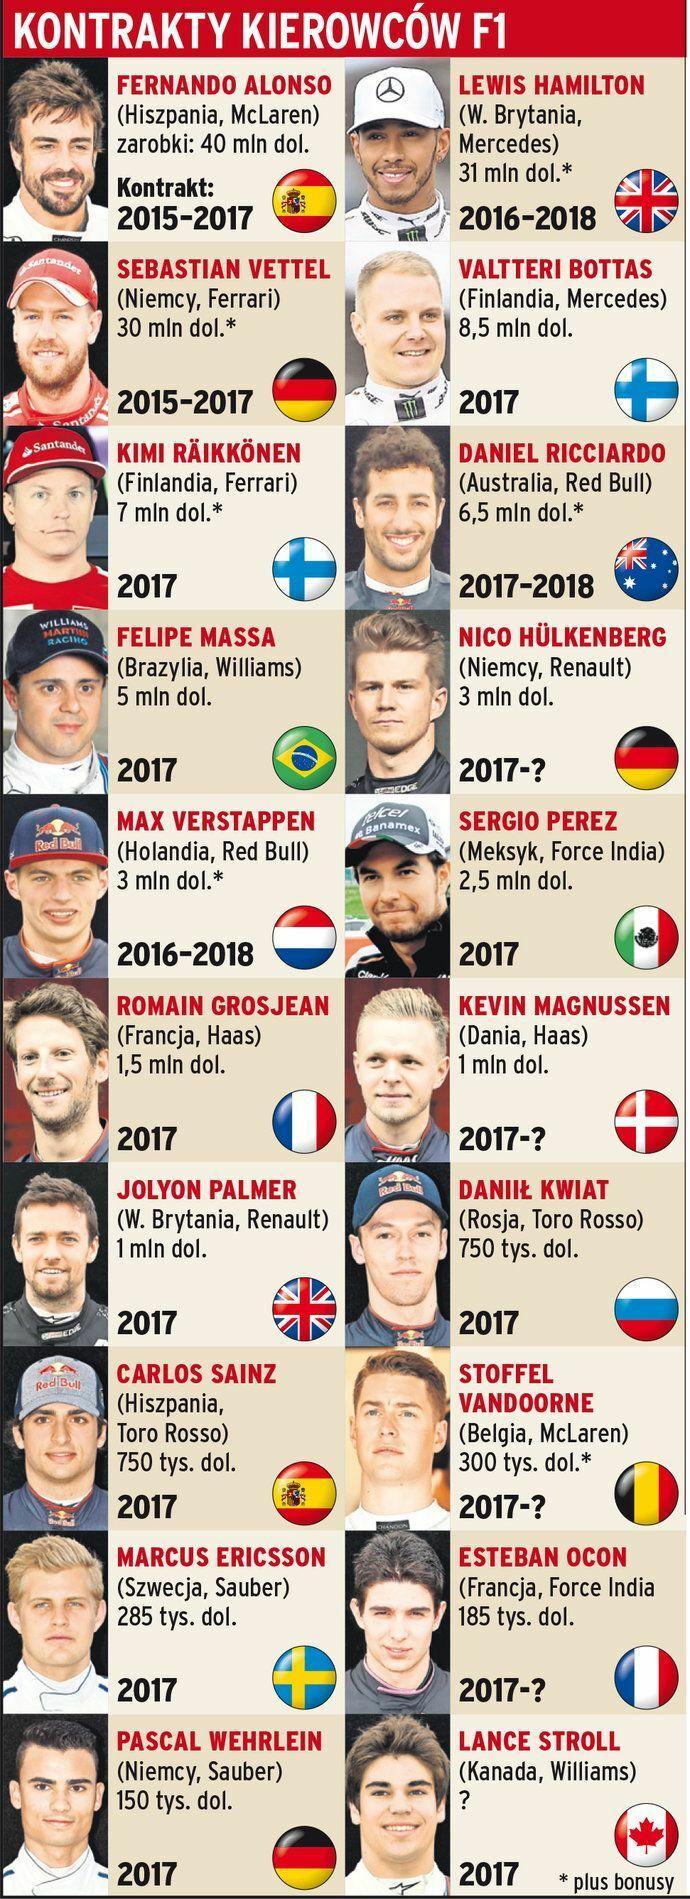 Kontrakty kierowców F1